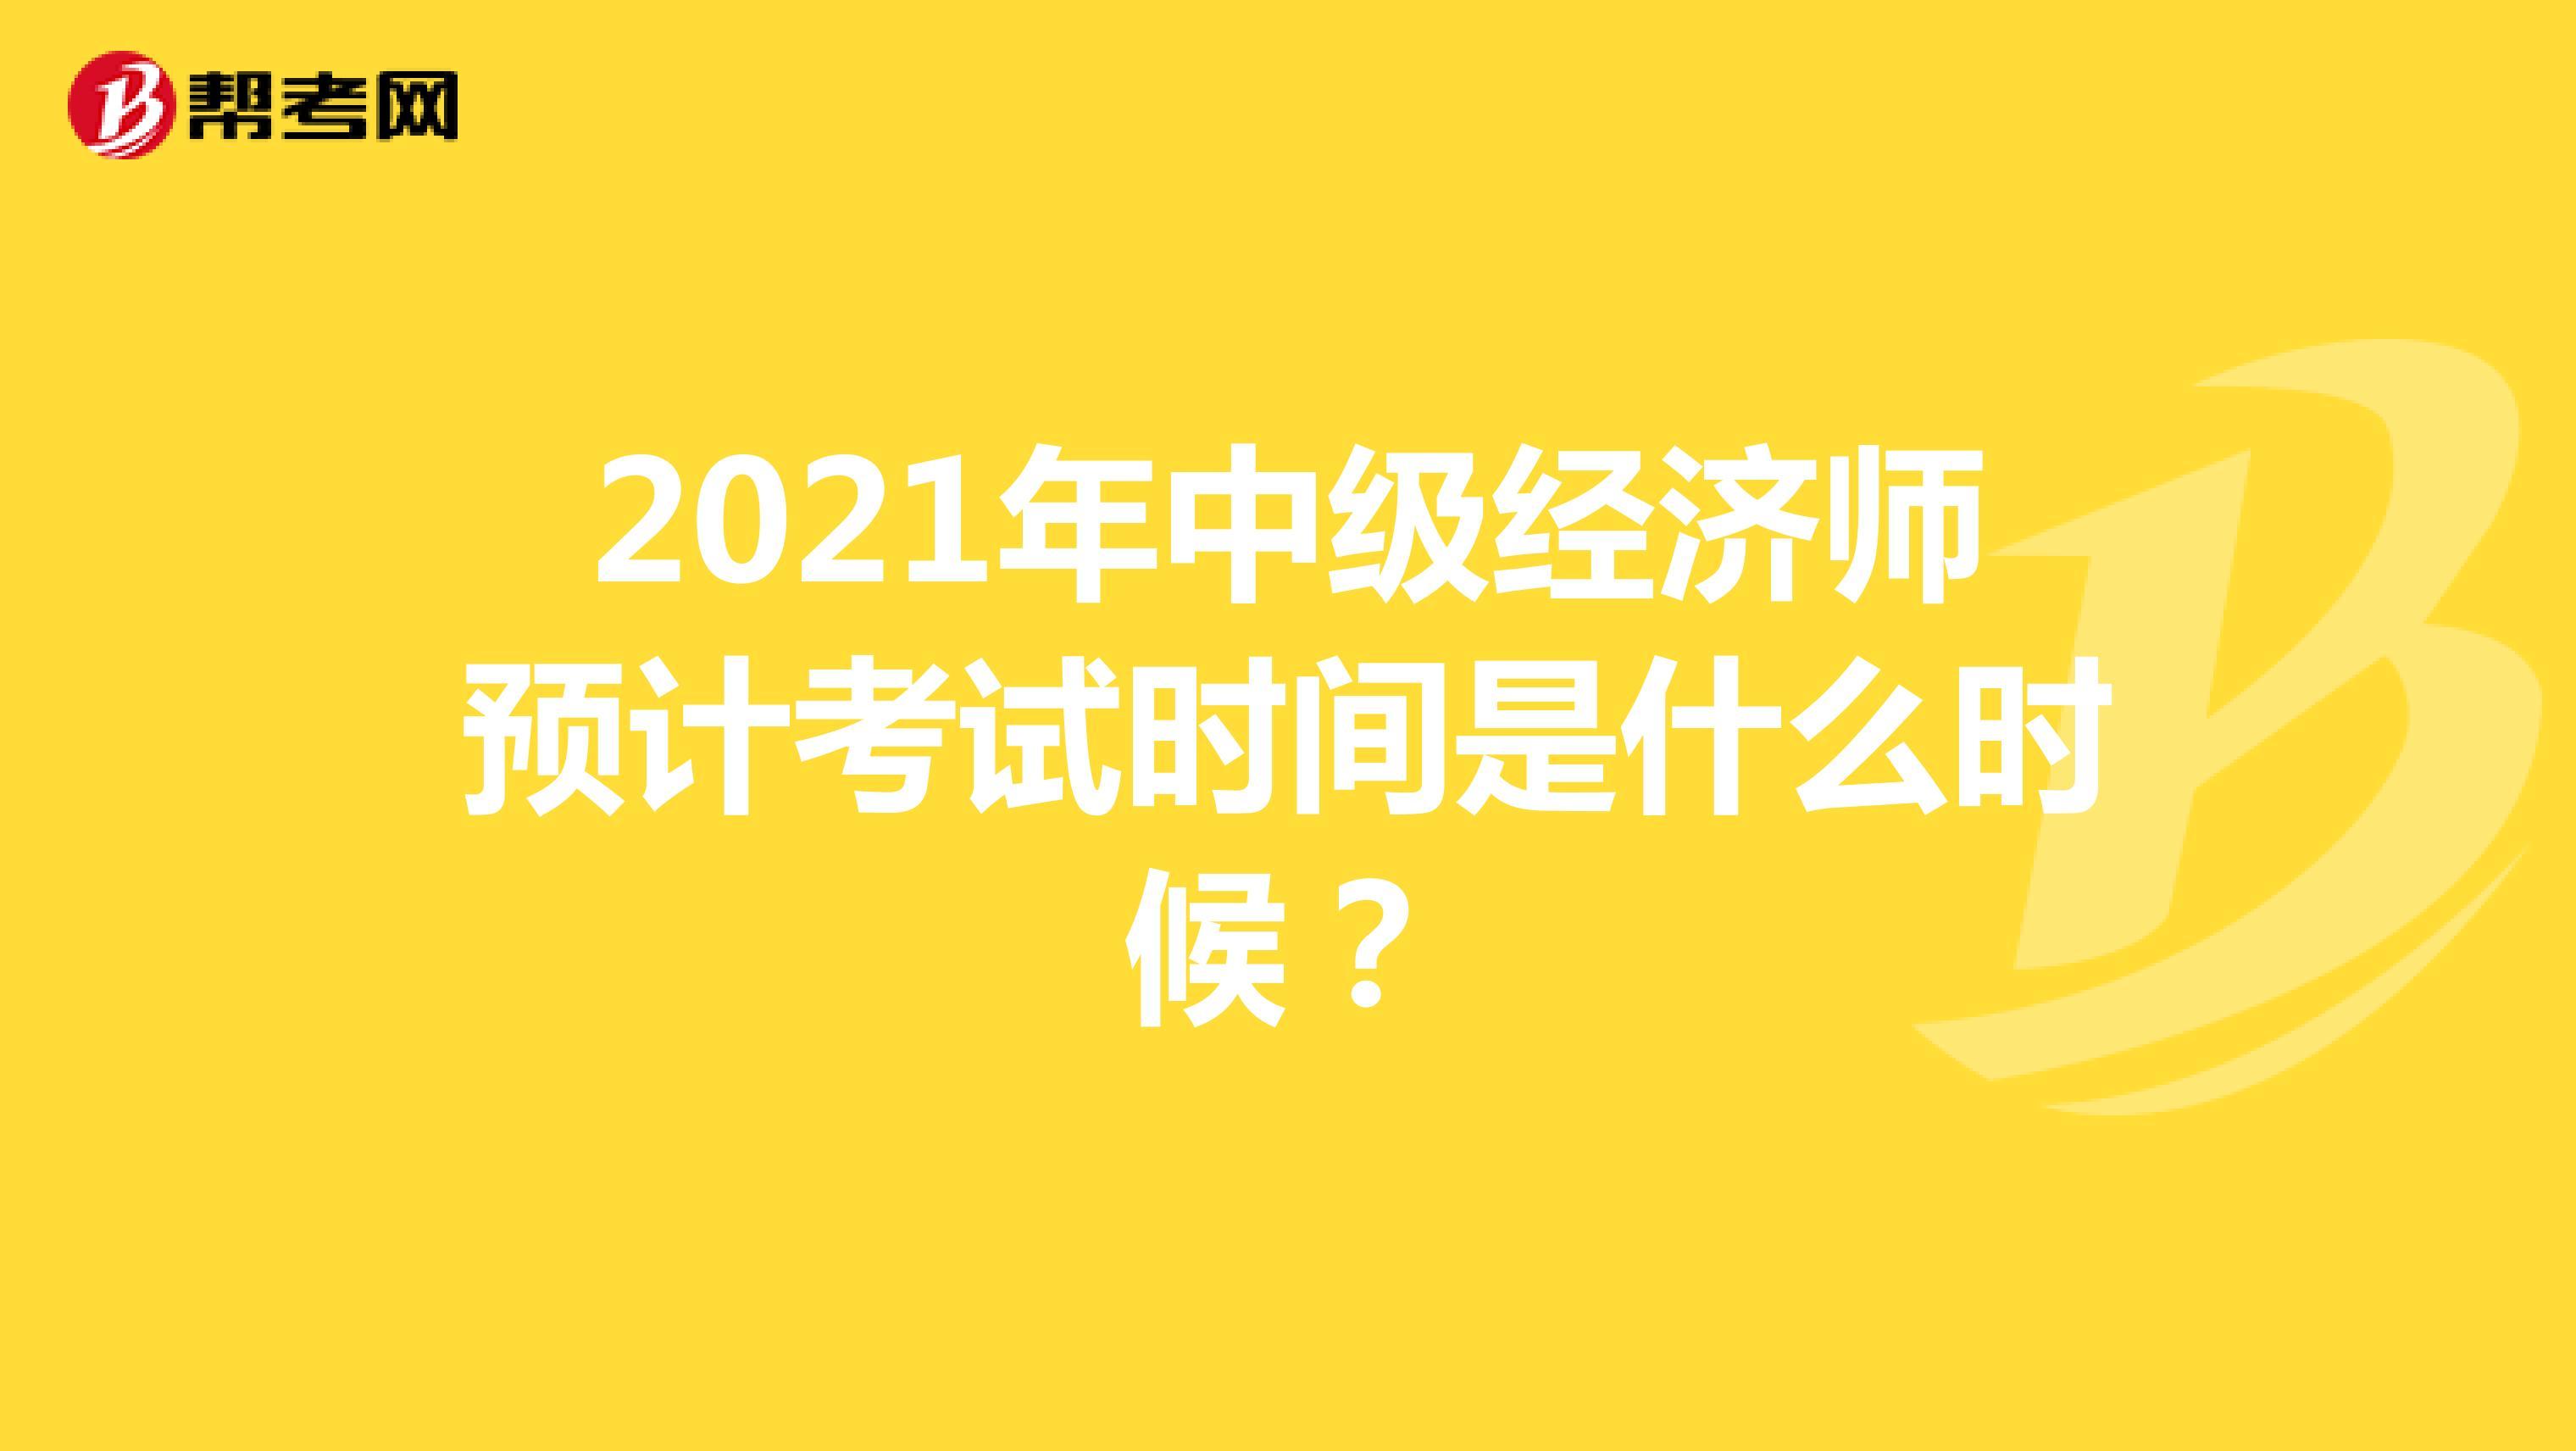 2021年中级经济师预计考试时间是什么时候?